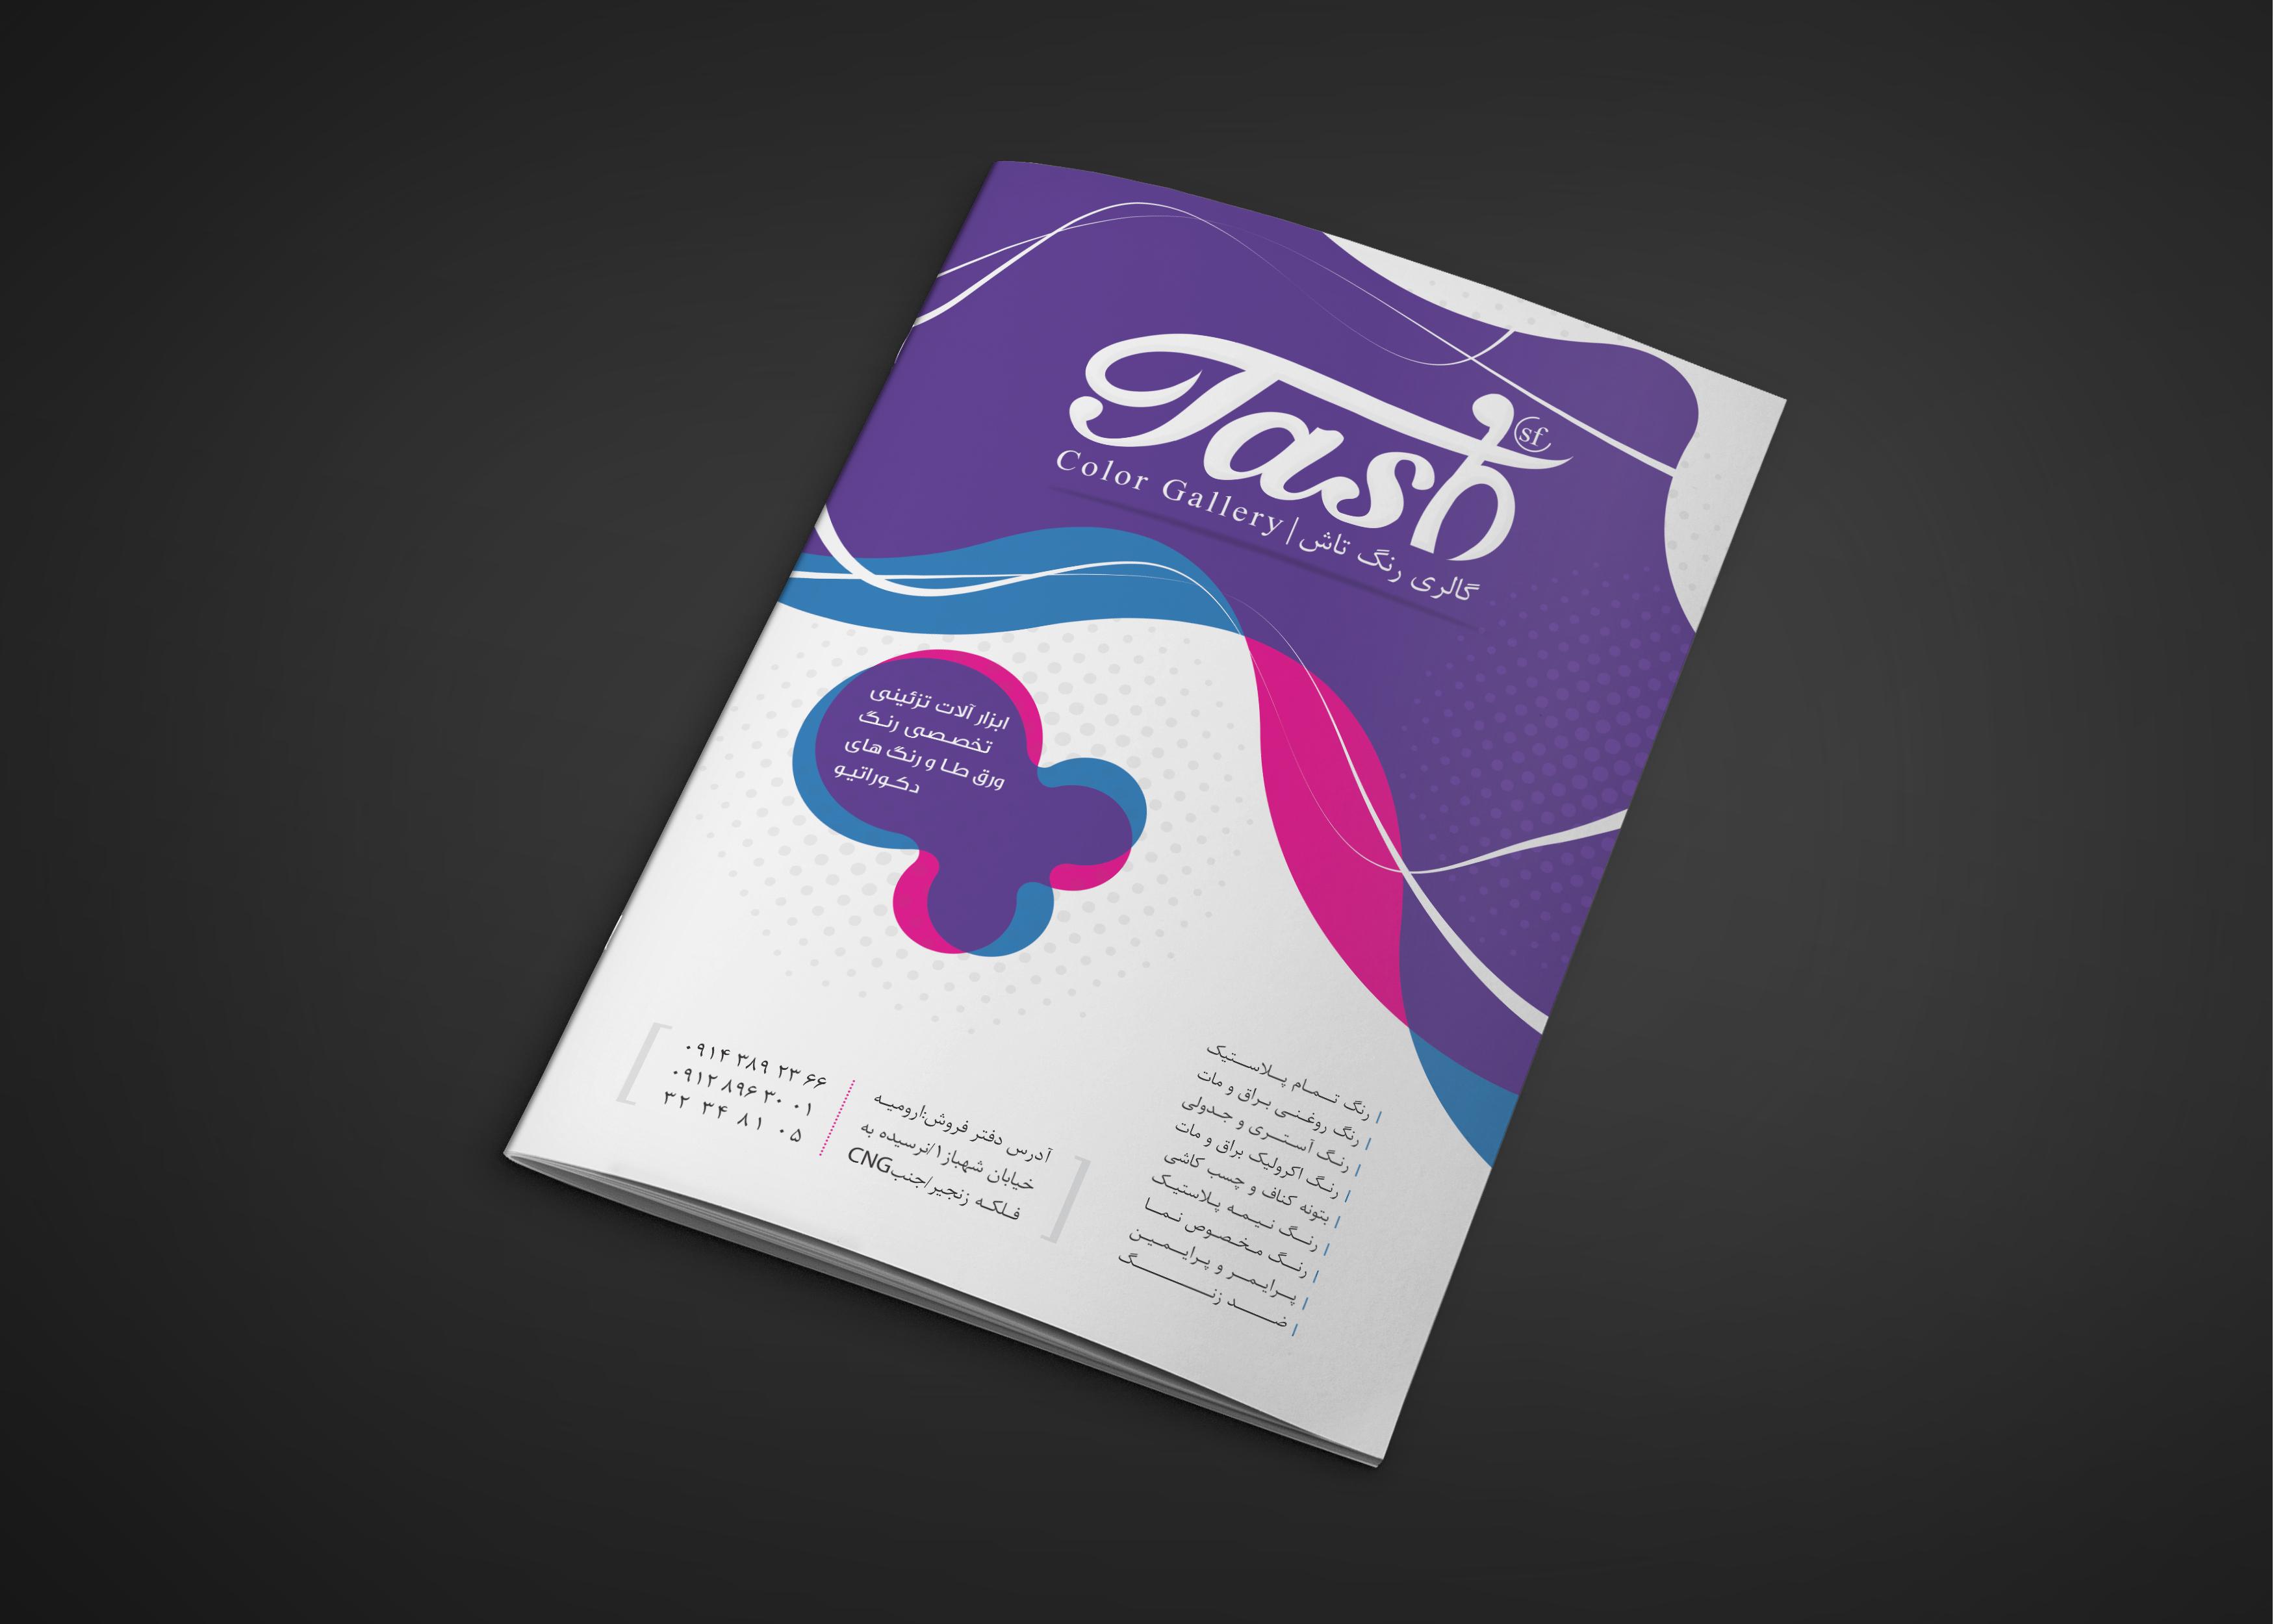 طراحی کتابچه گالری رنگ تاش